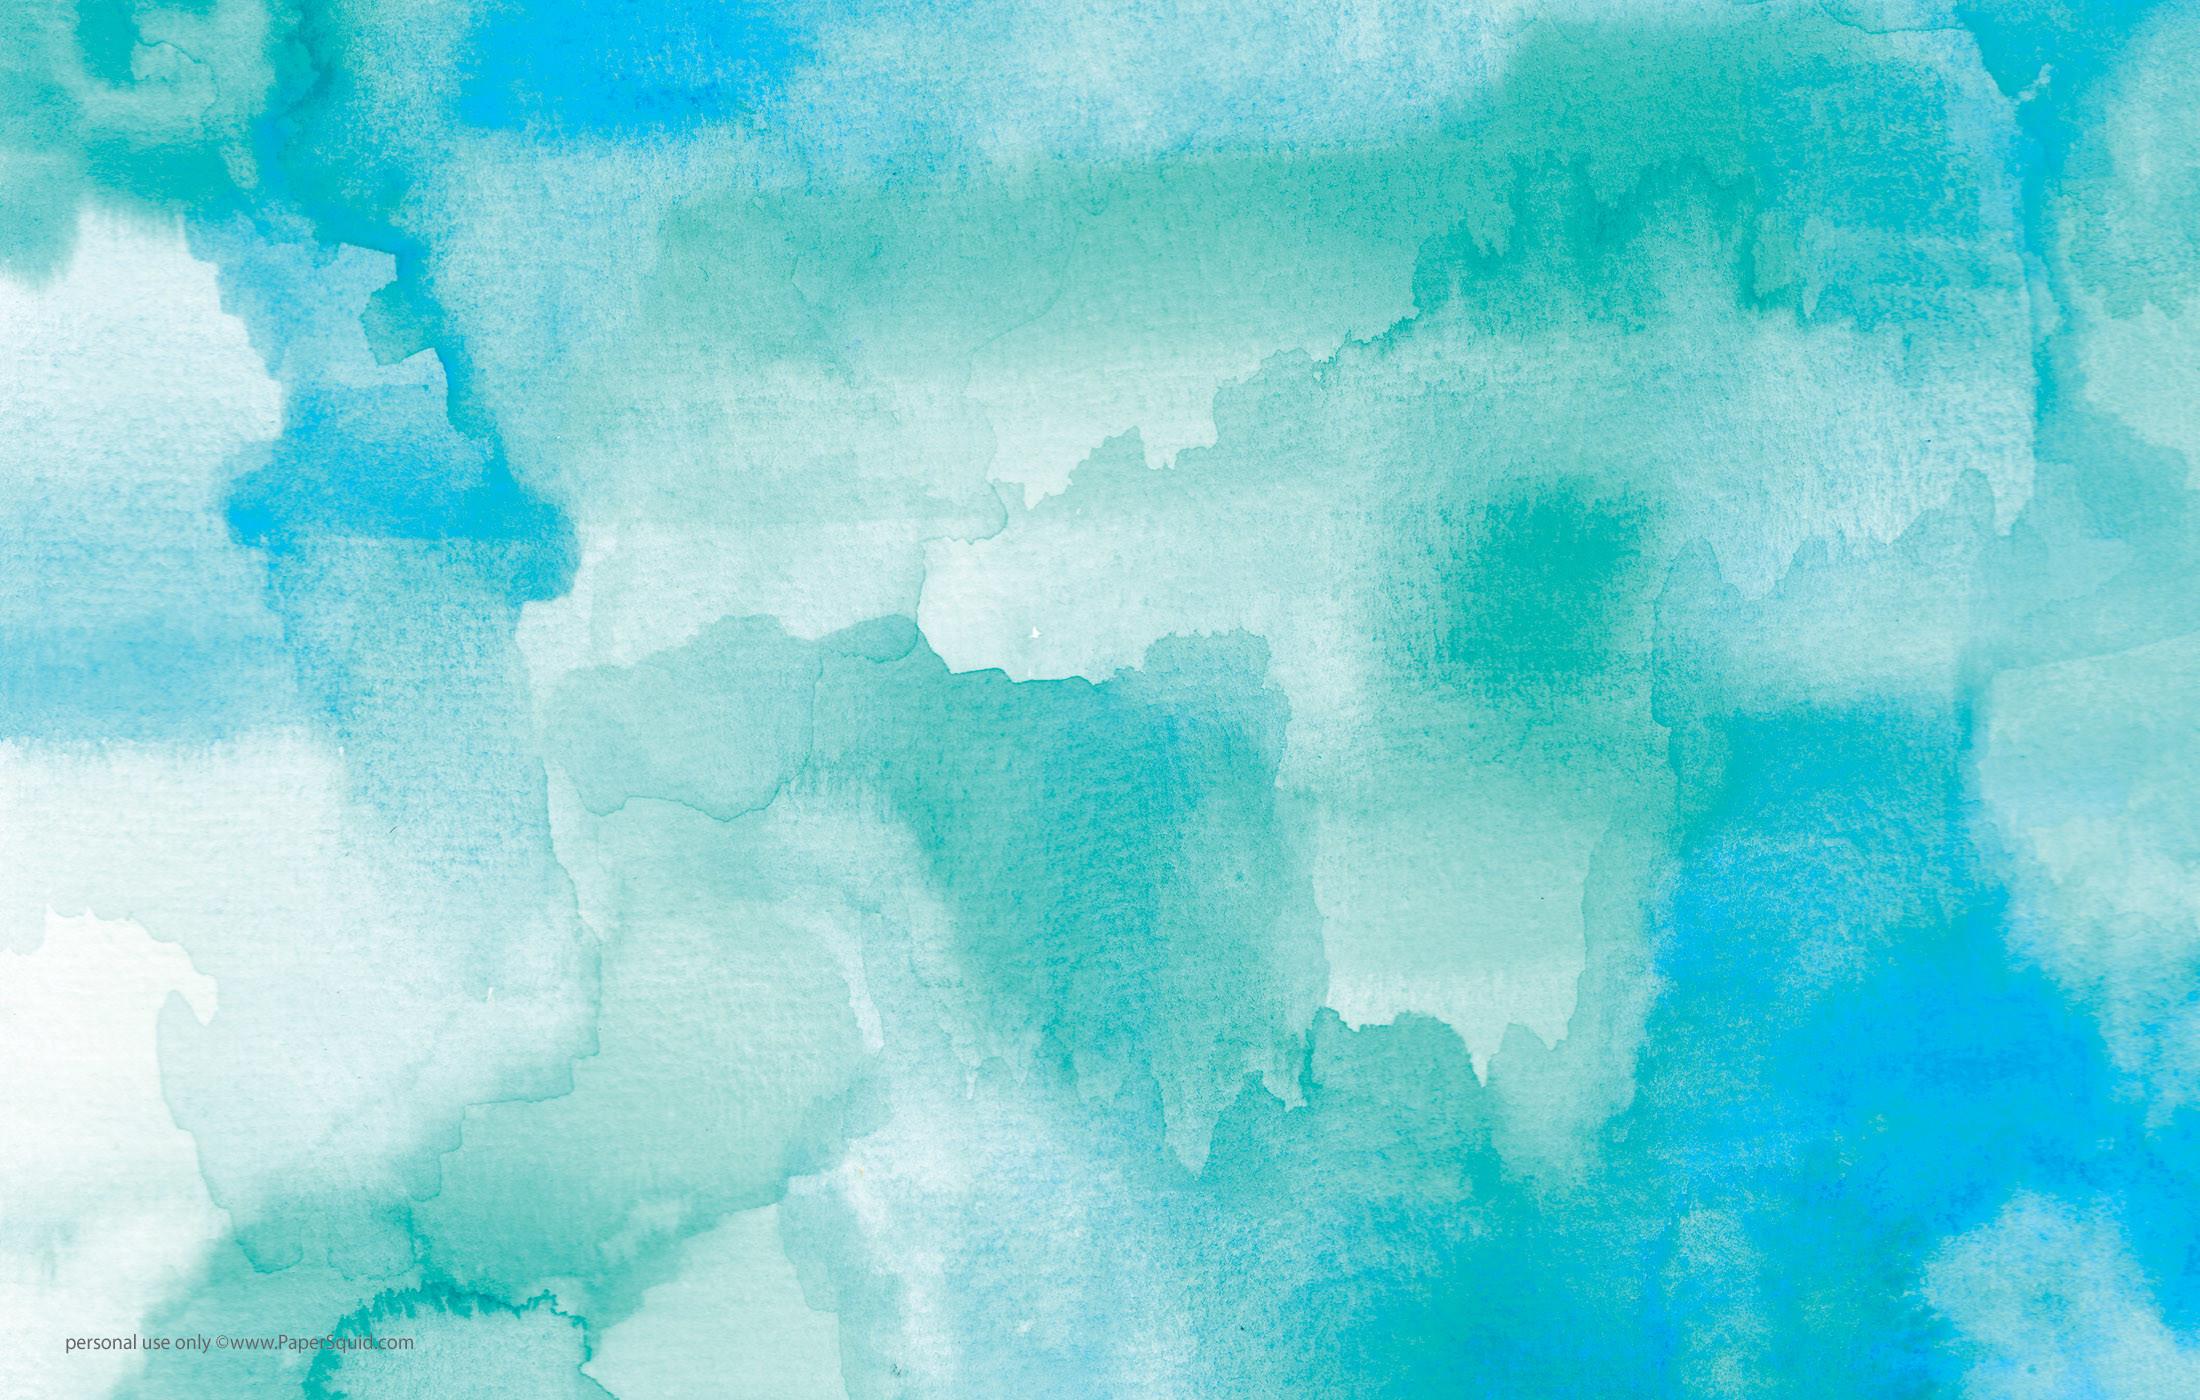 Paper Squid : MARCH 2014 DESKTOP WALLPAPER – 2 VERSIONS